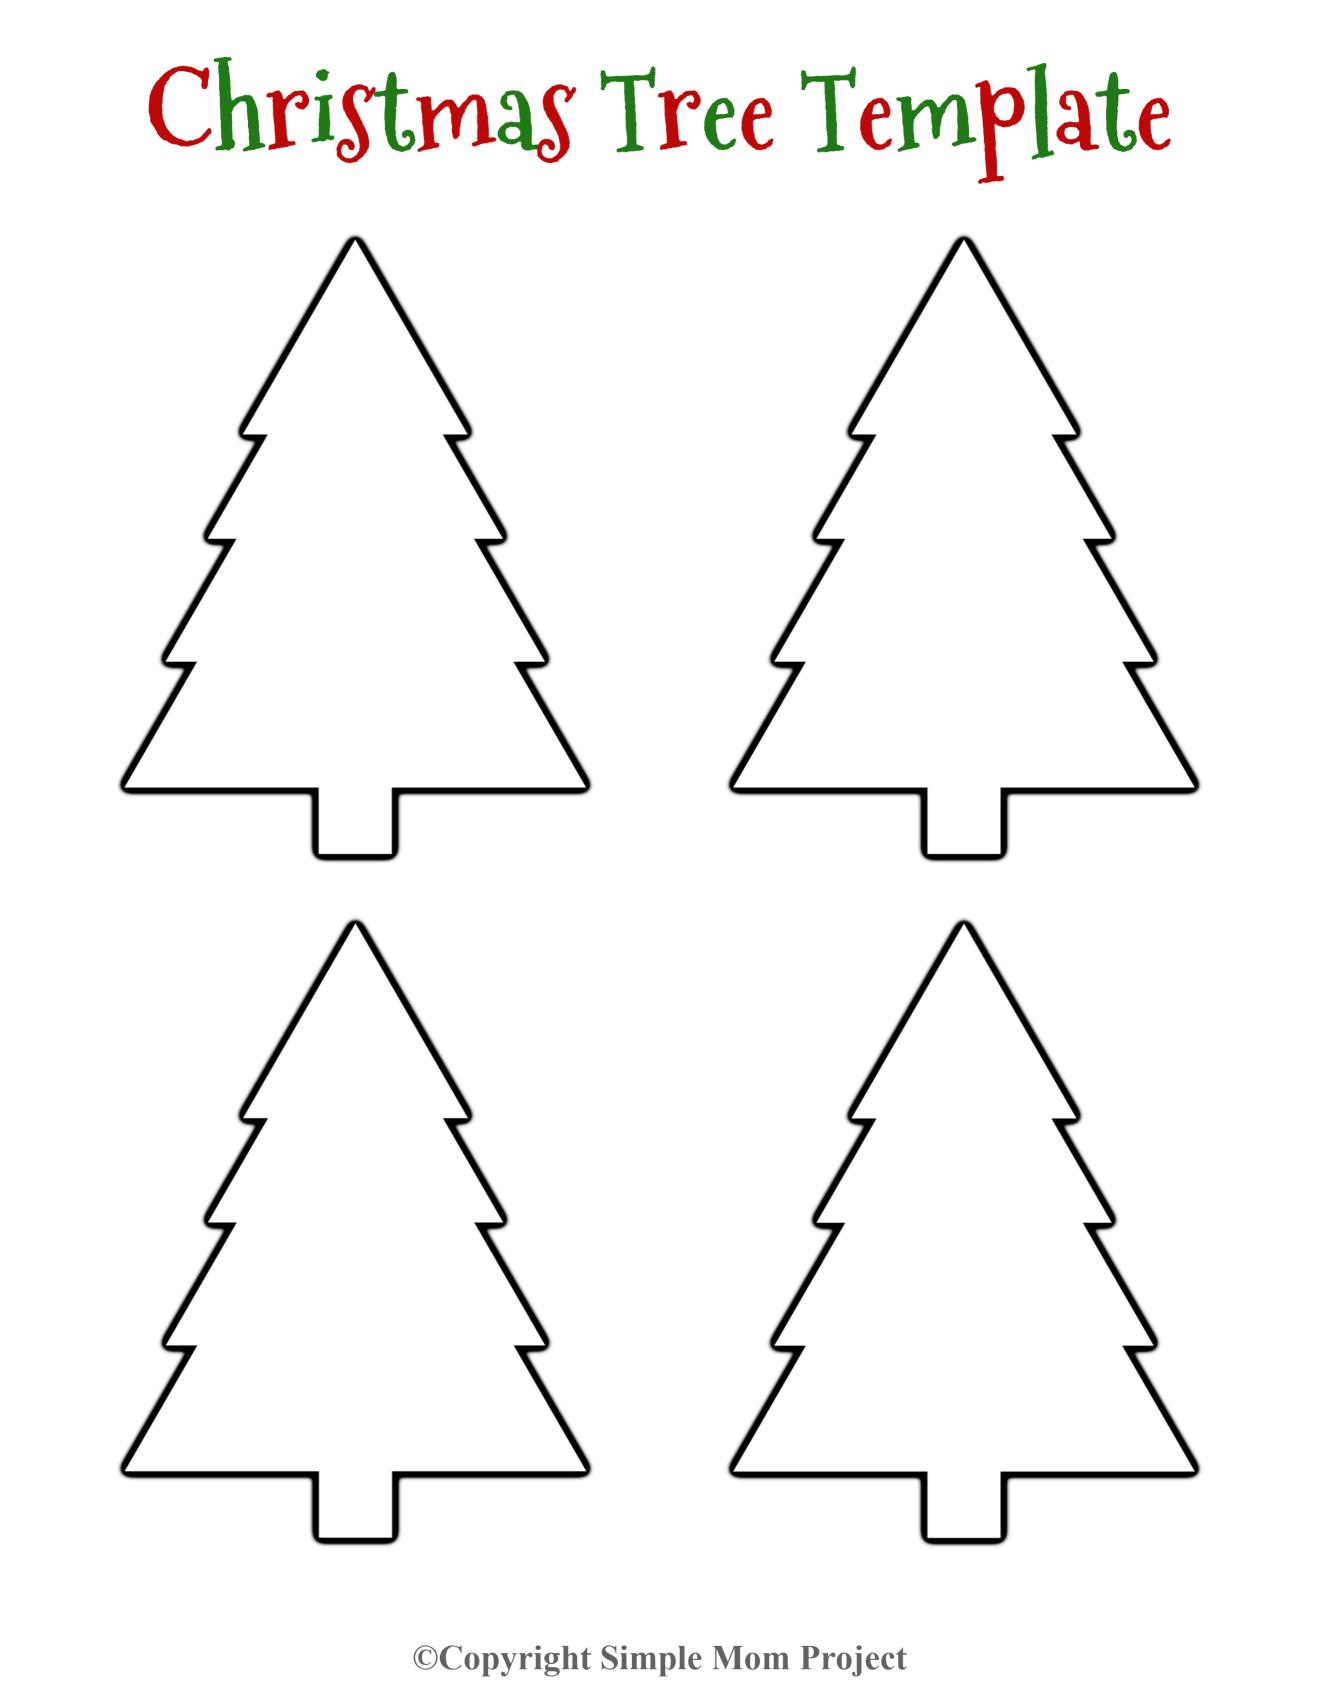 Pin On Christmas Tree Template